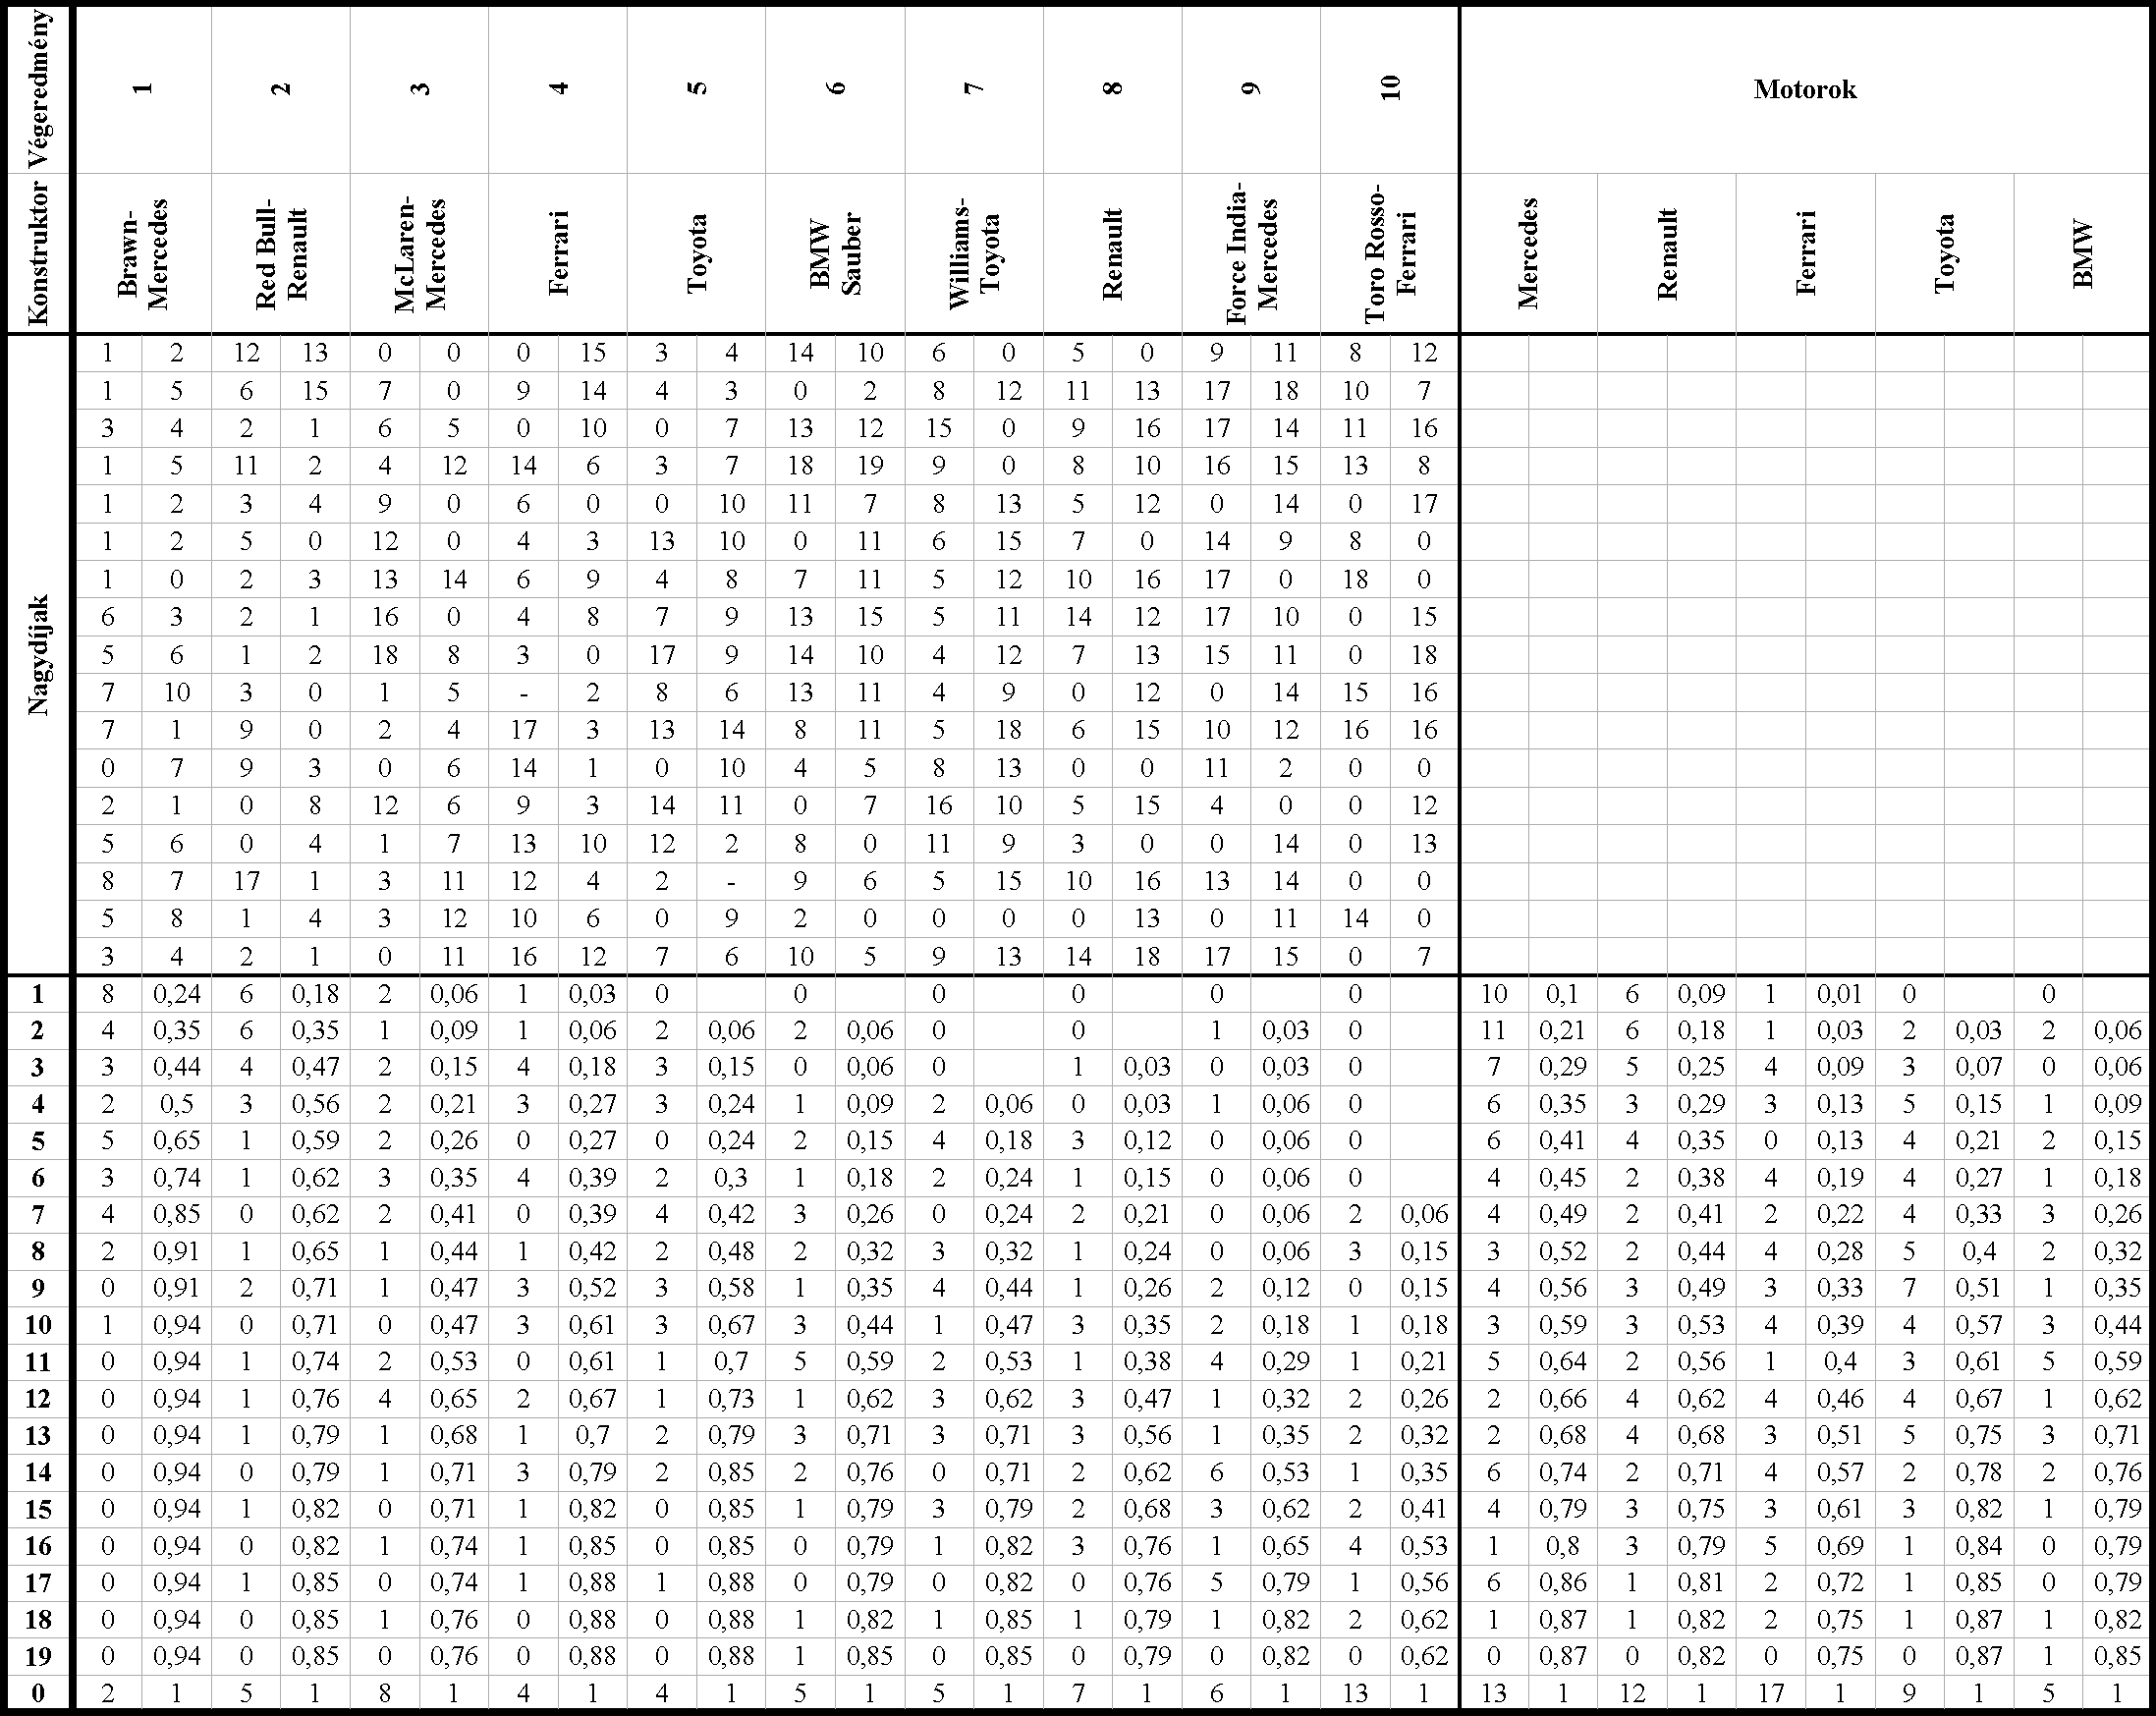 Összesítő táblázat